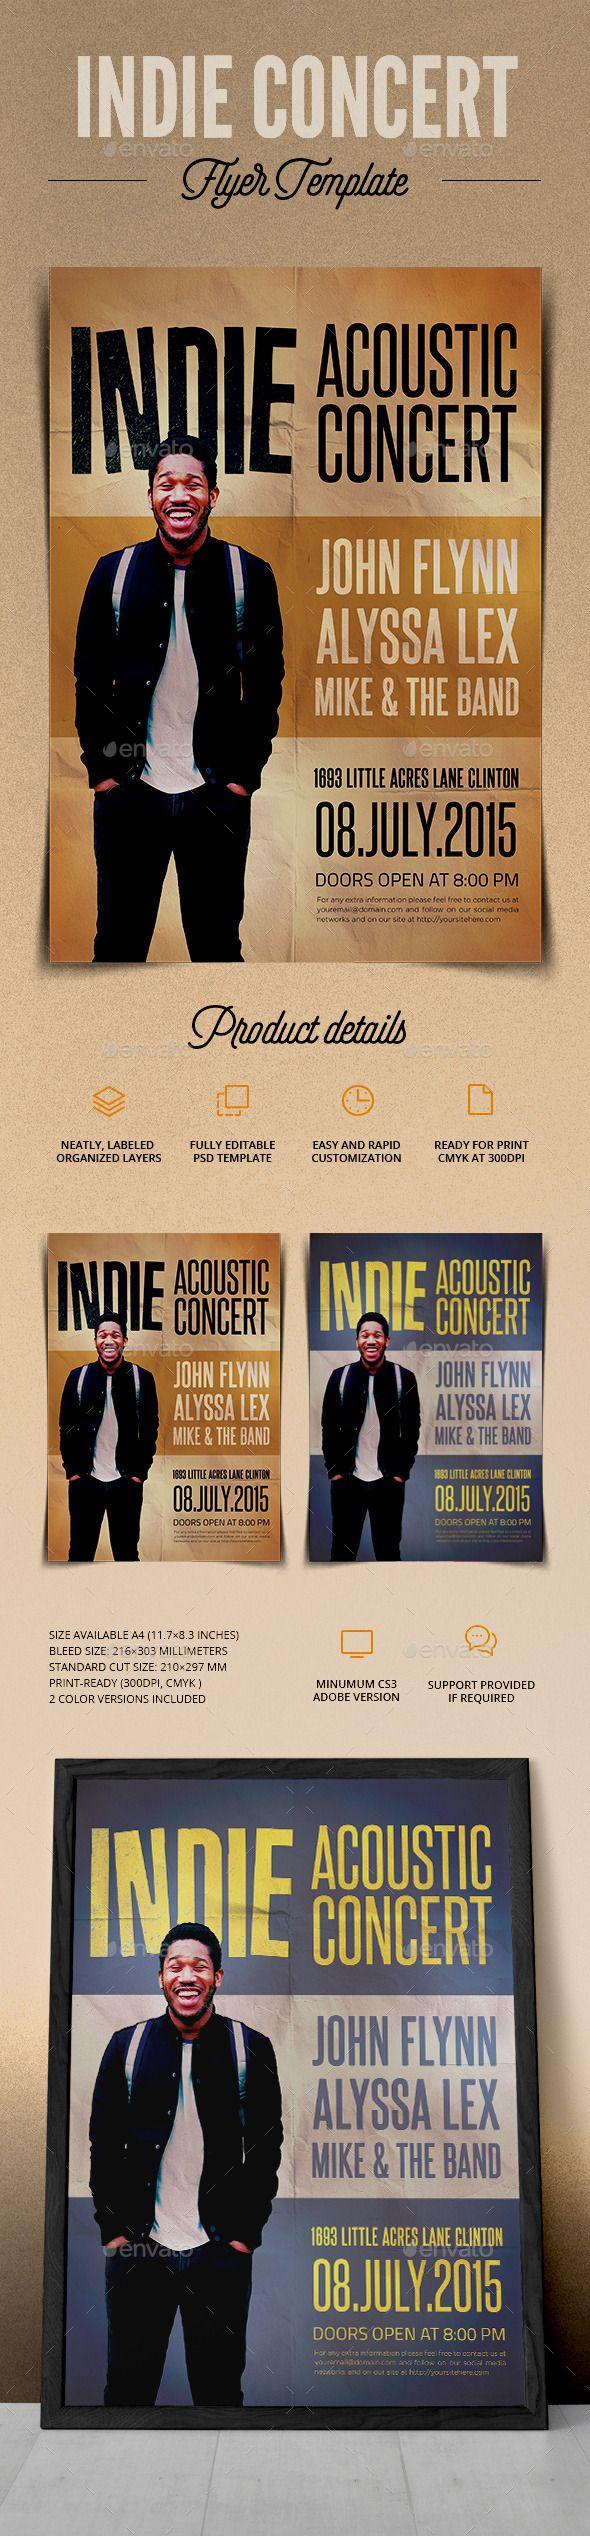 Indie Acoustic Concert Flyer  Concert Flyer Font Logo And Fonts